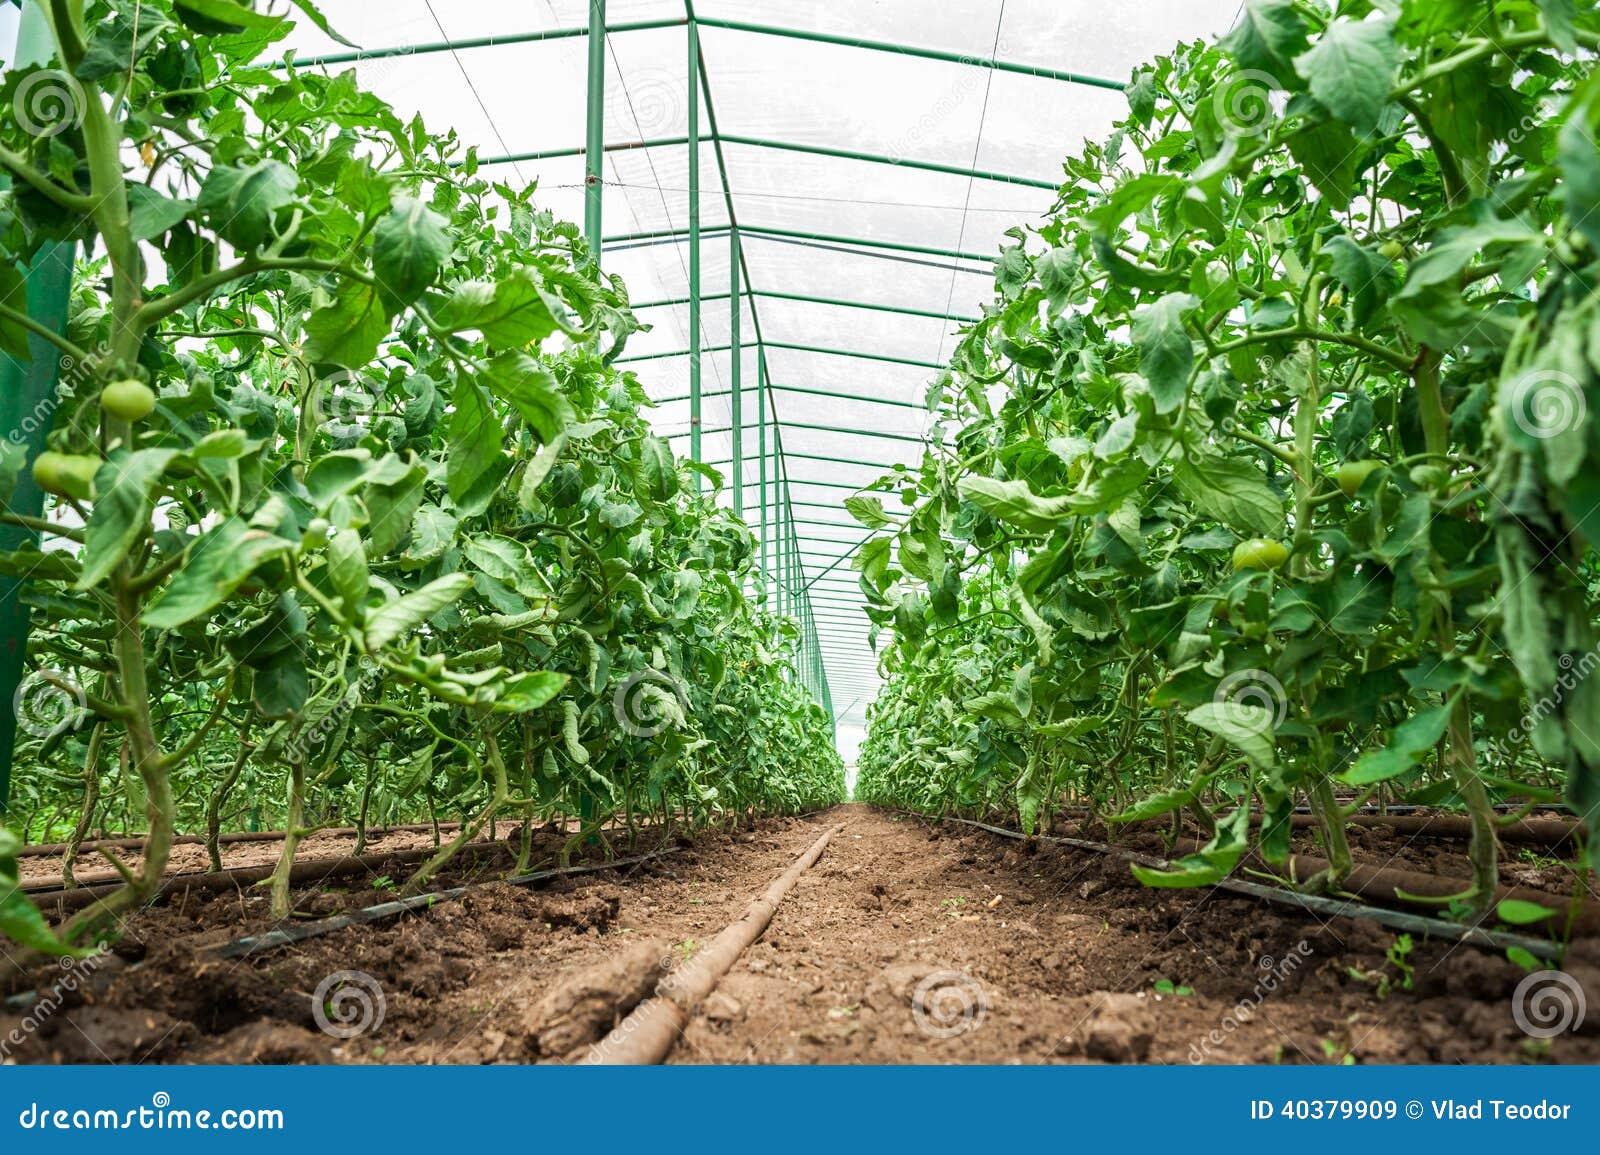 Piante di pomodori in serra immagine stock immagine for Piante di lamponi acquisto